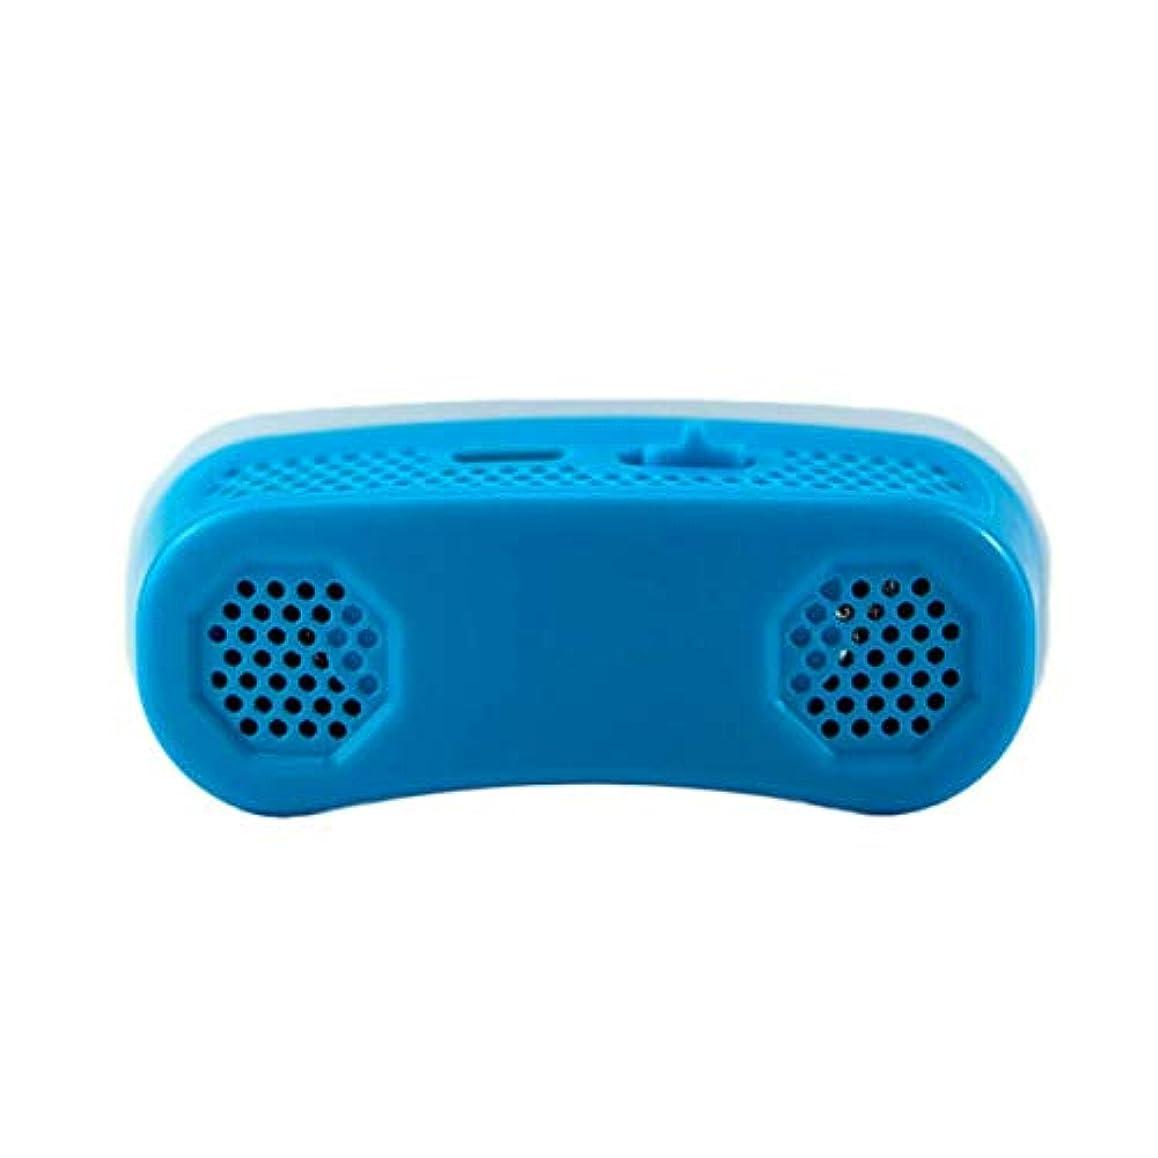 オーバードローファセット透けて見える睡眠時無呼吸停止いびき止め栓 - 青のためのマイクロCPAP抗いびき電子デバイス